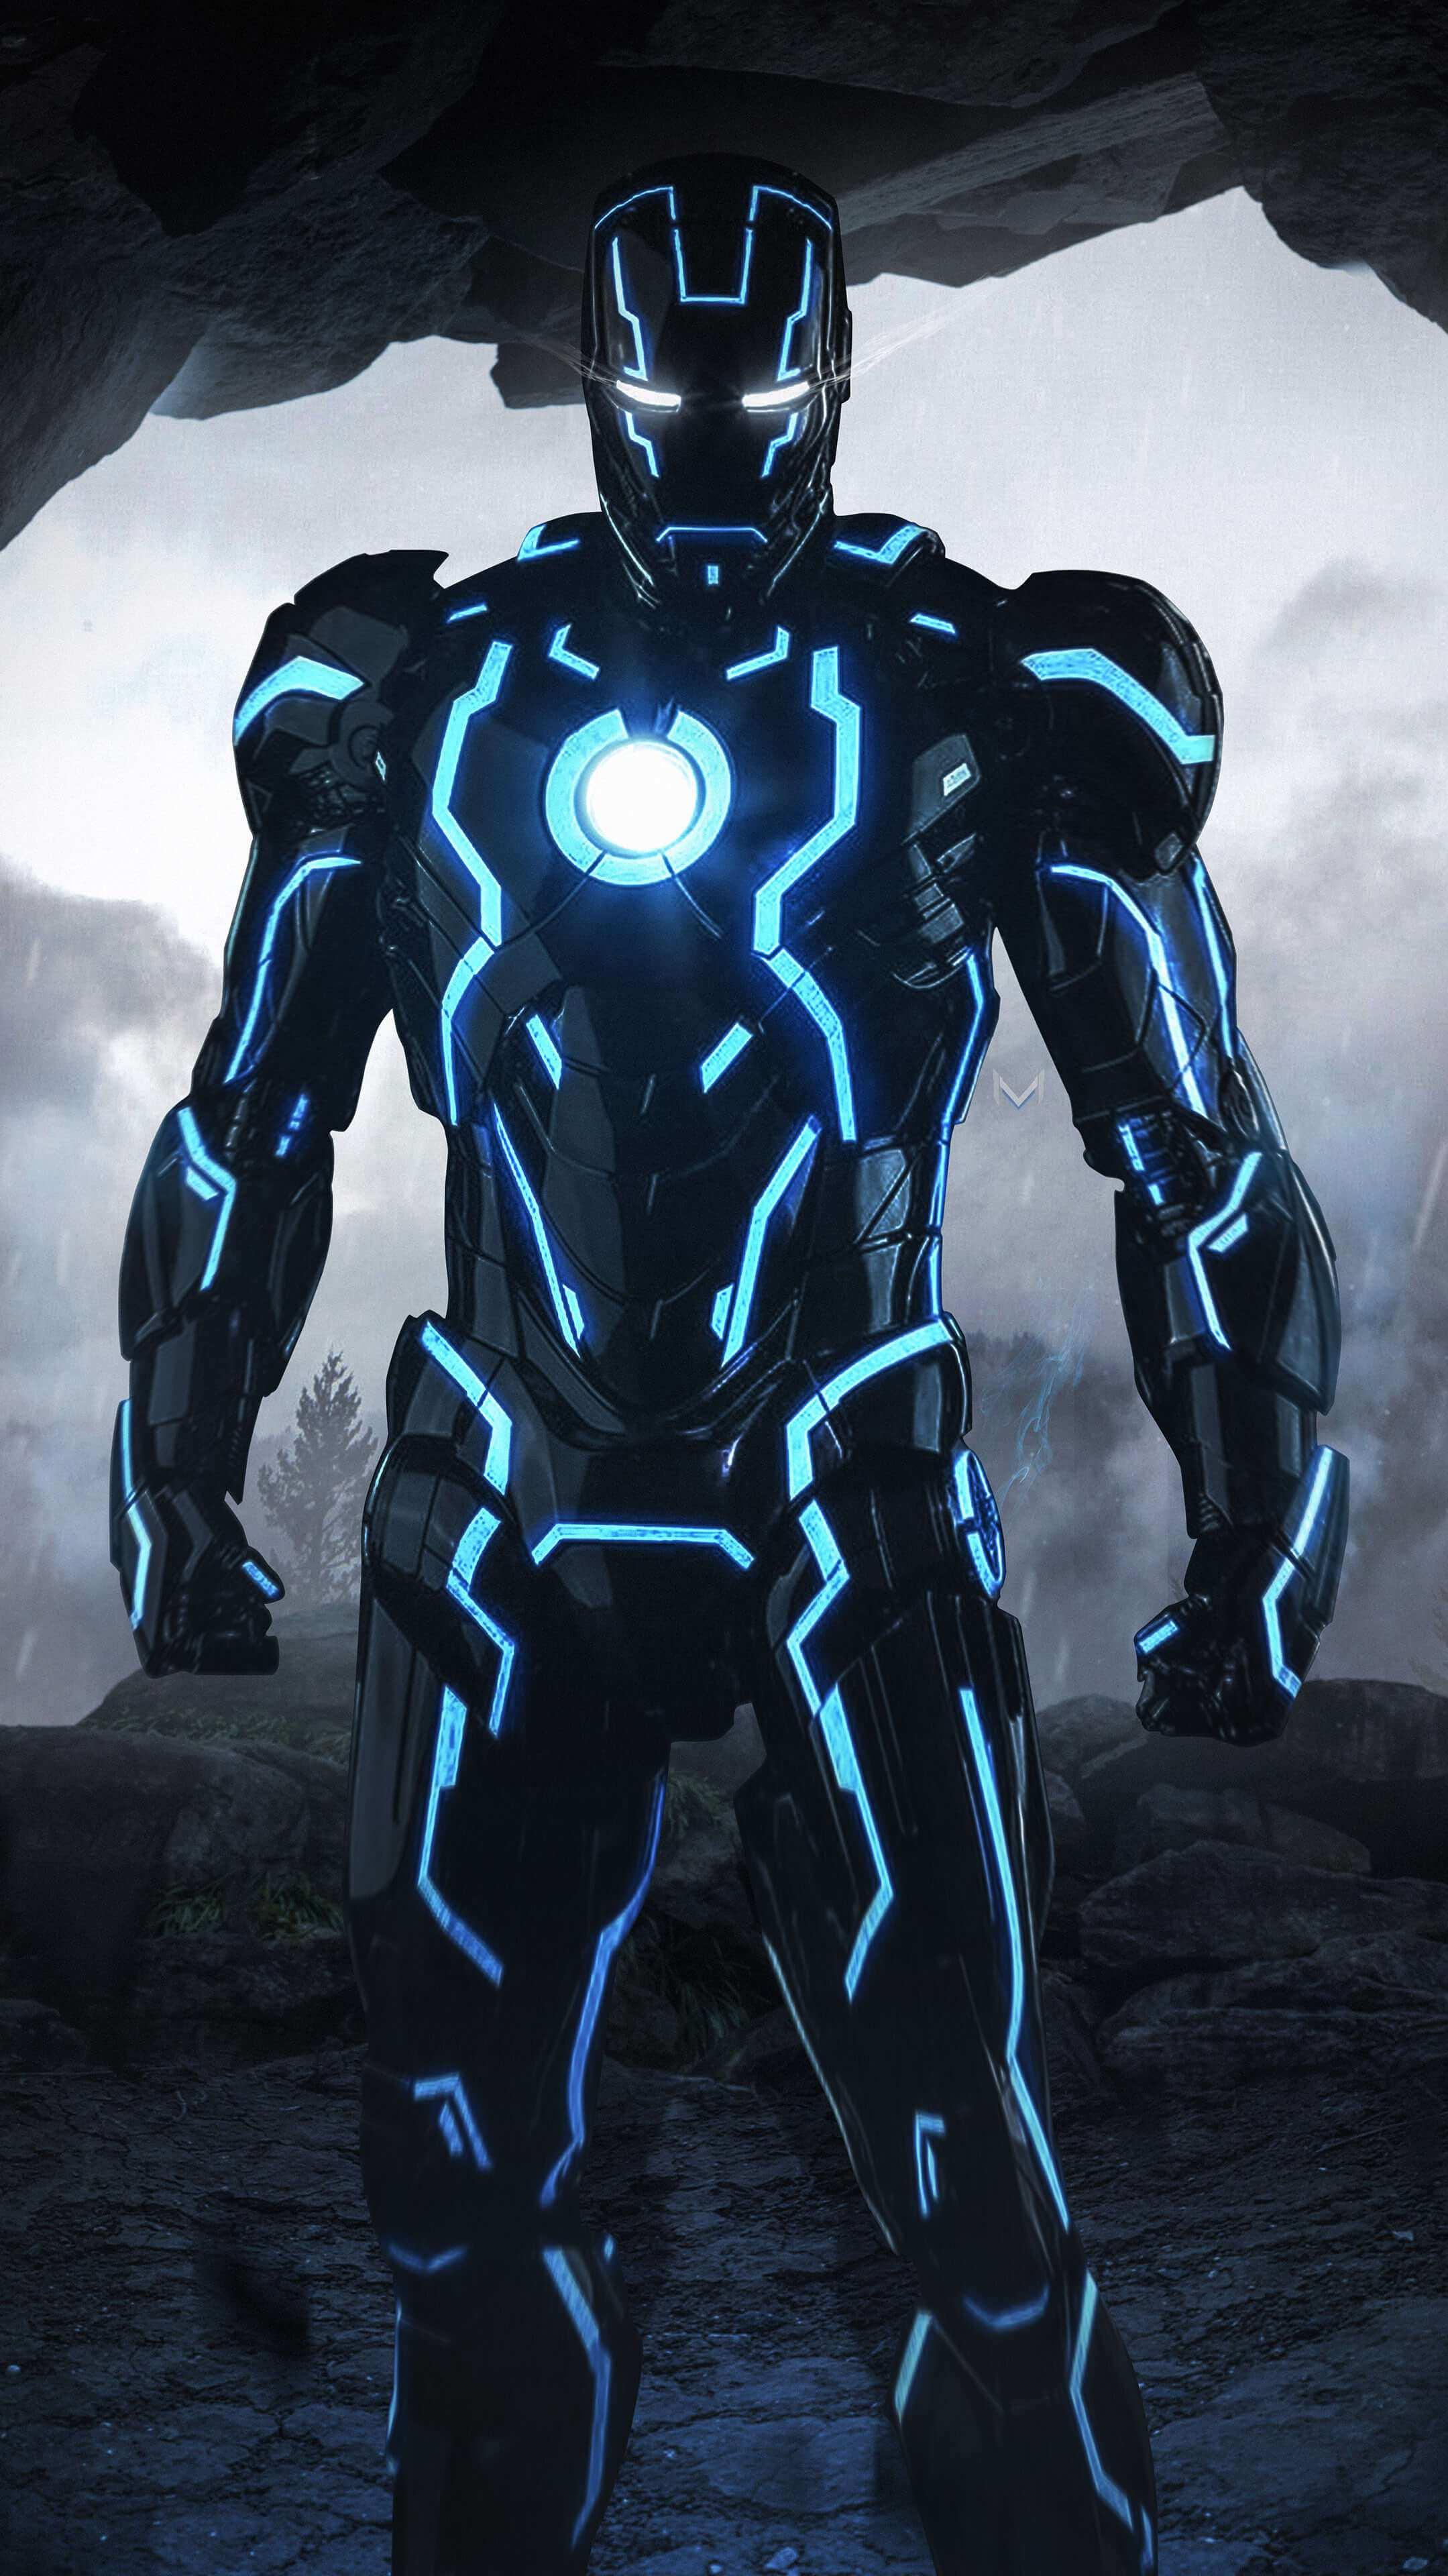 Iron man Neon Suit iPhone Wallpaper